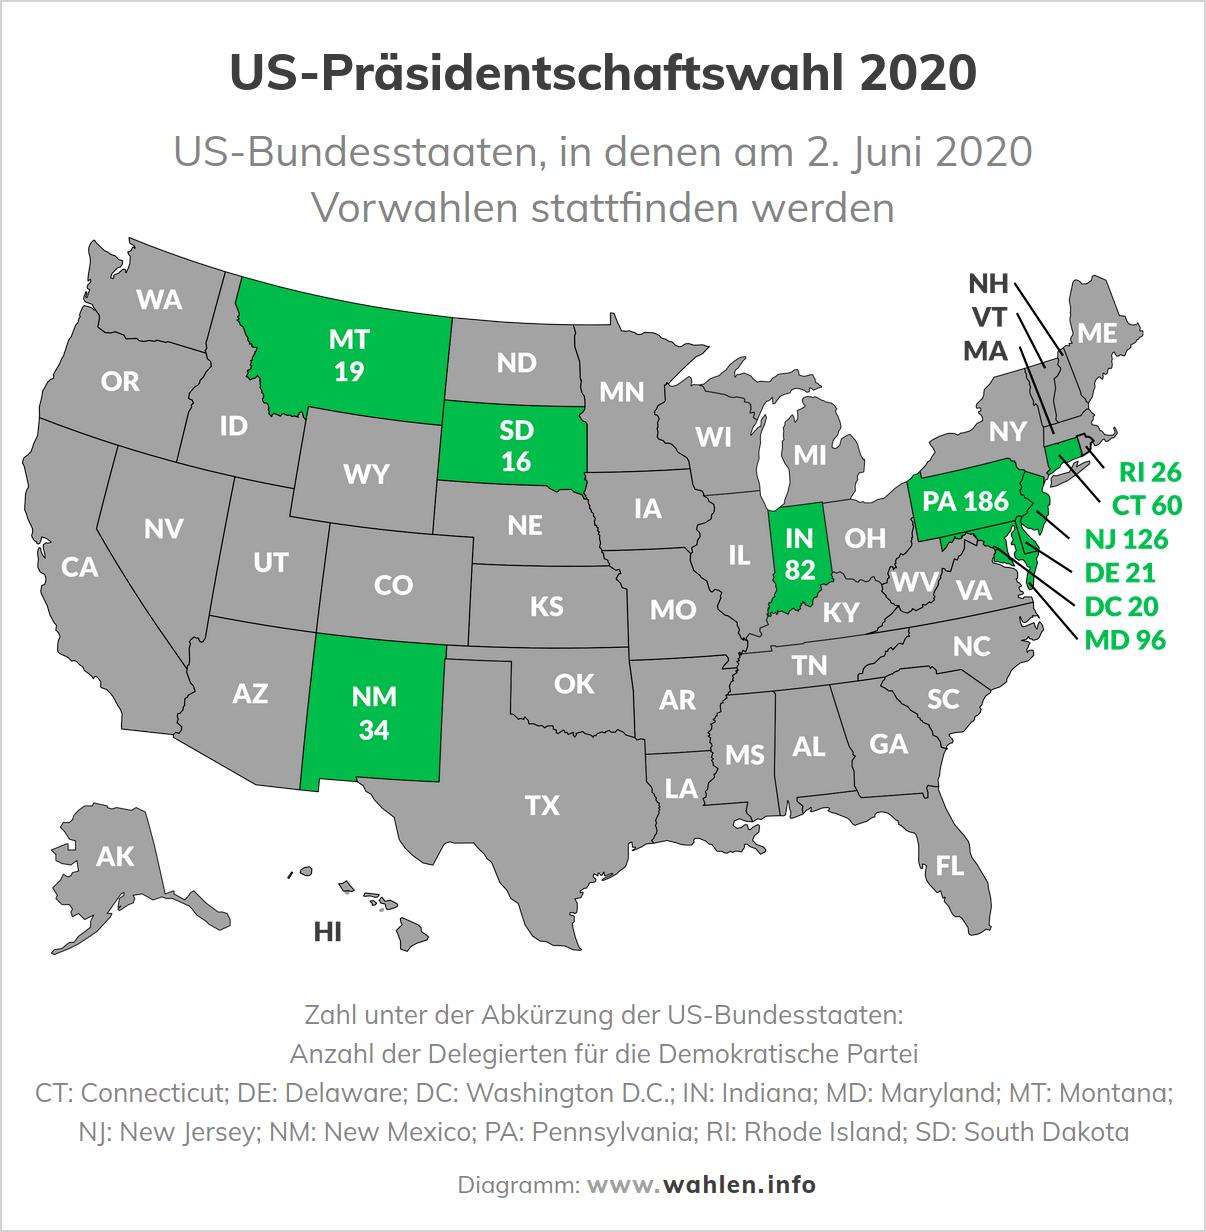 Präsidentschaftswahl in den USA - Vorwahlen am 2. Juni 2020